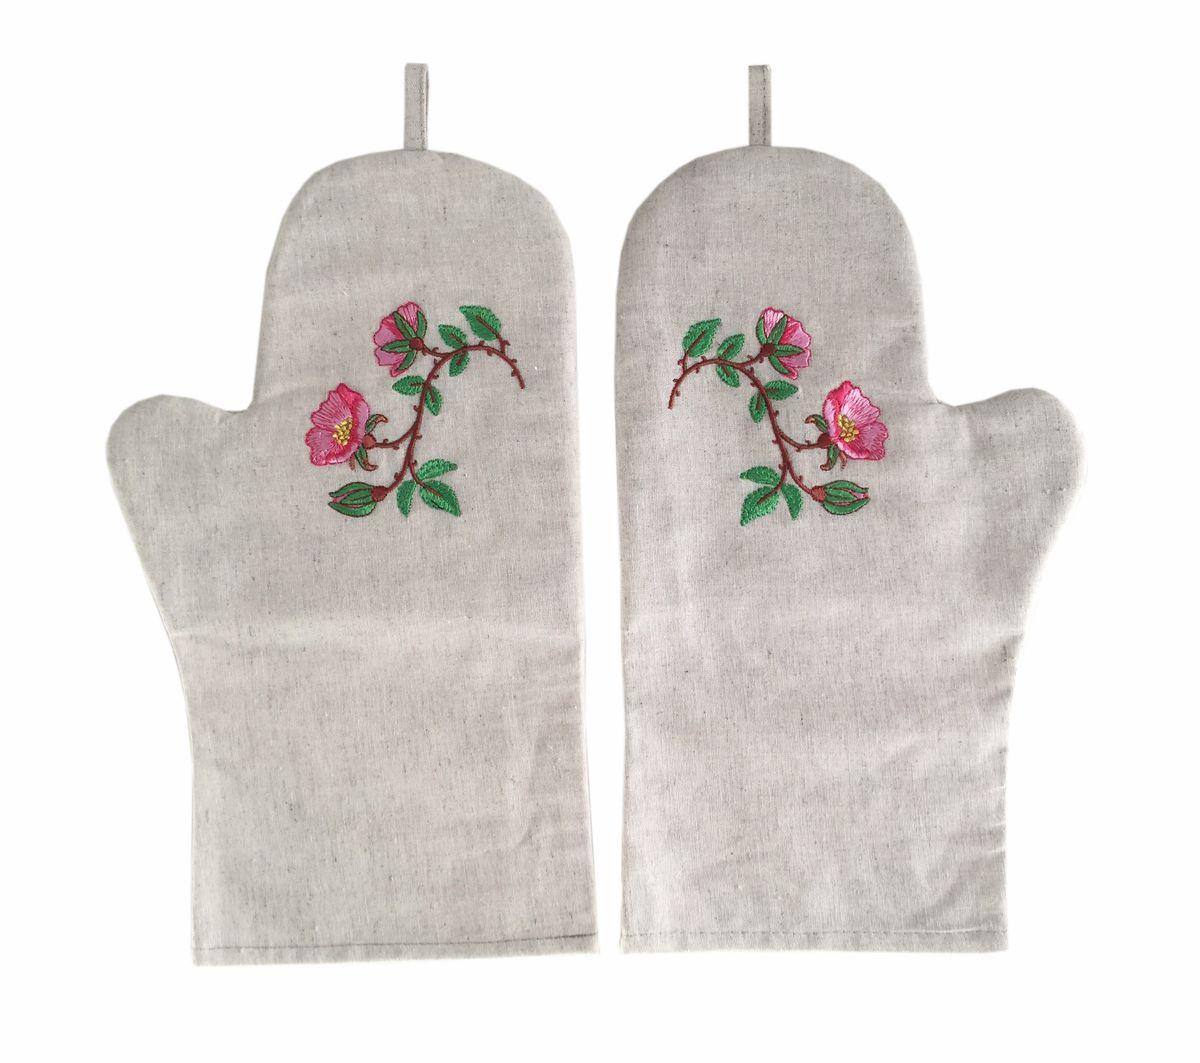 Комплект рукавиц для кухни с вышивкой, лен, 2 штуки (Шиповник)